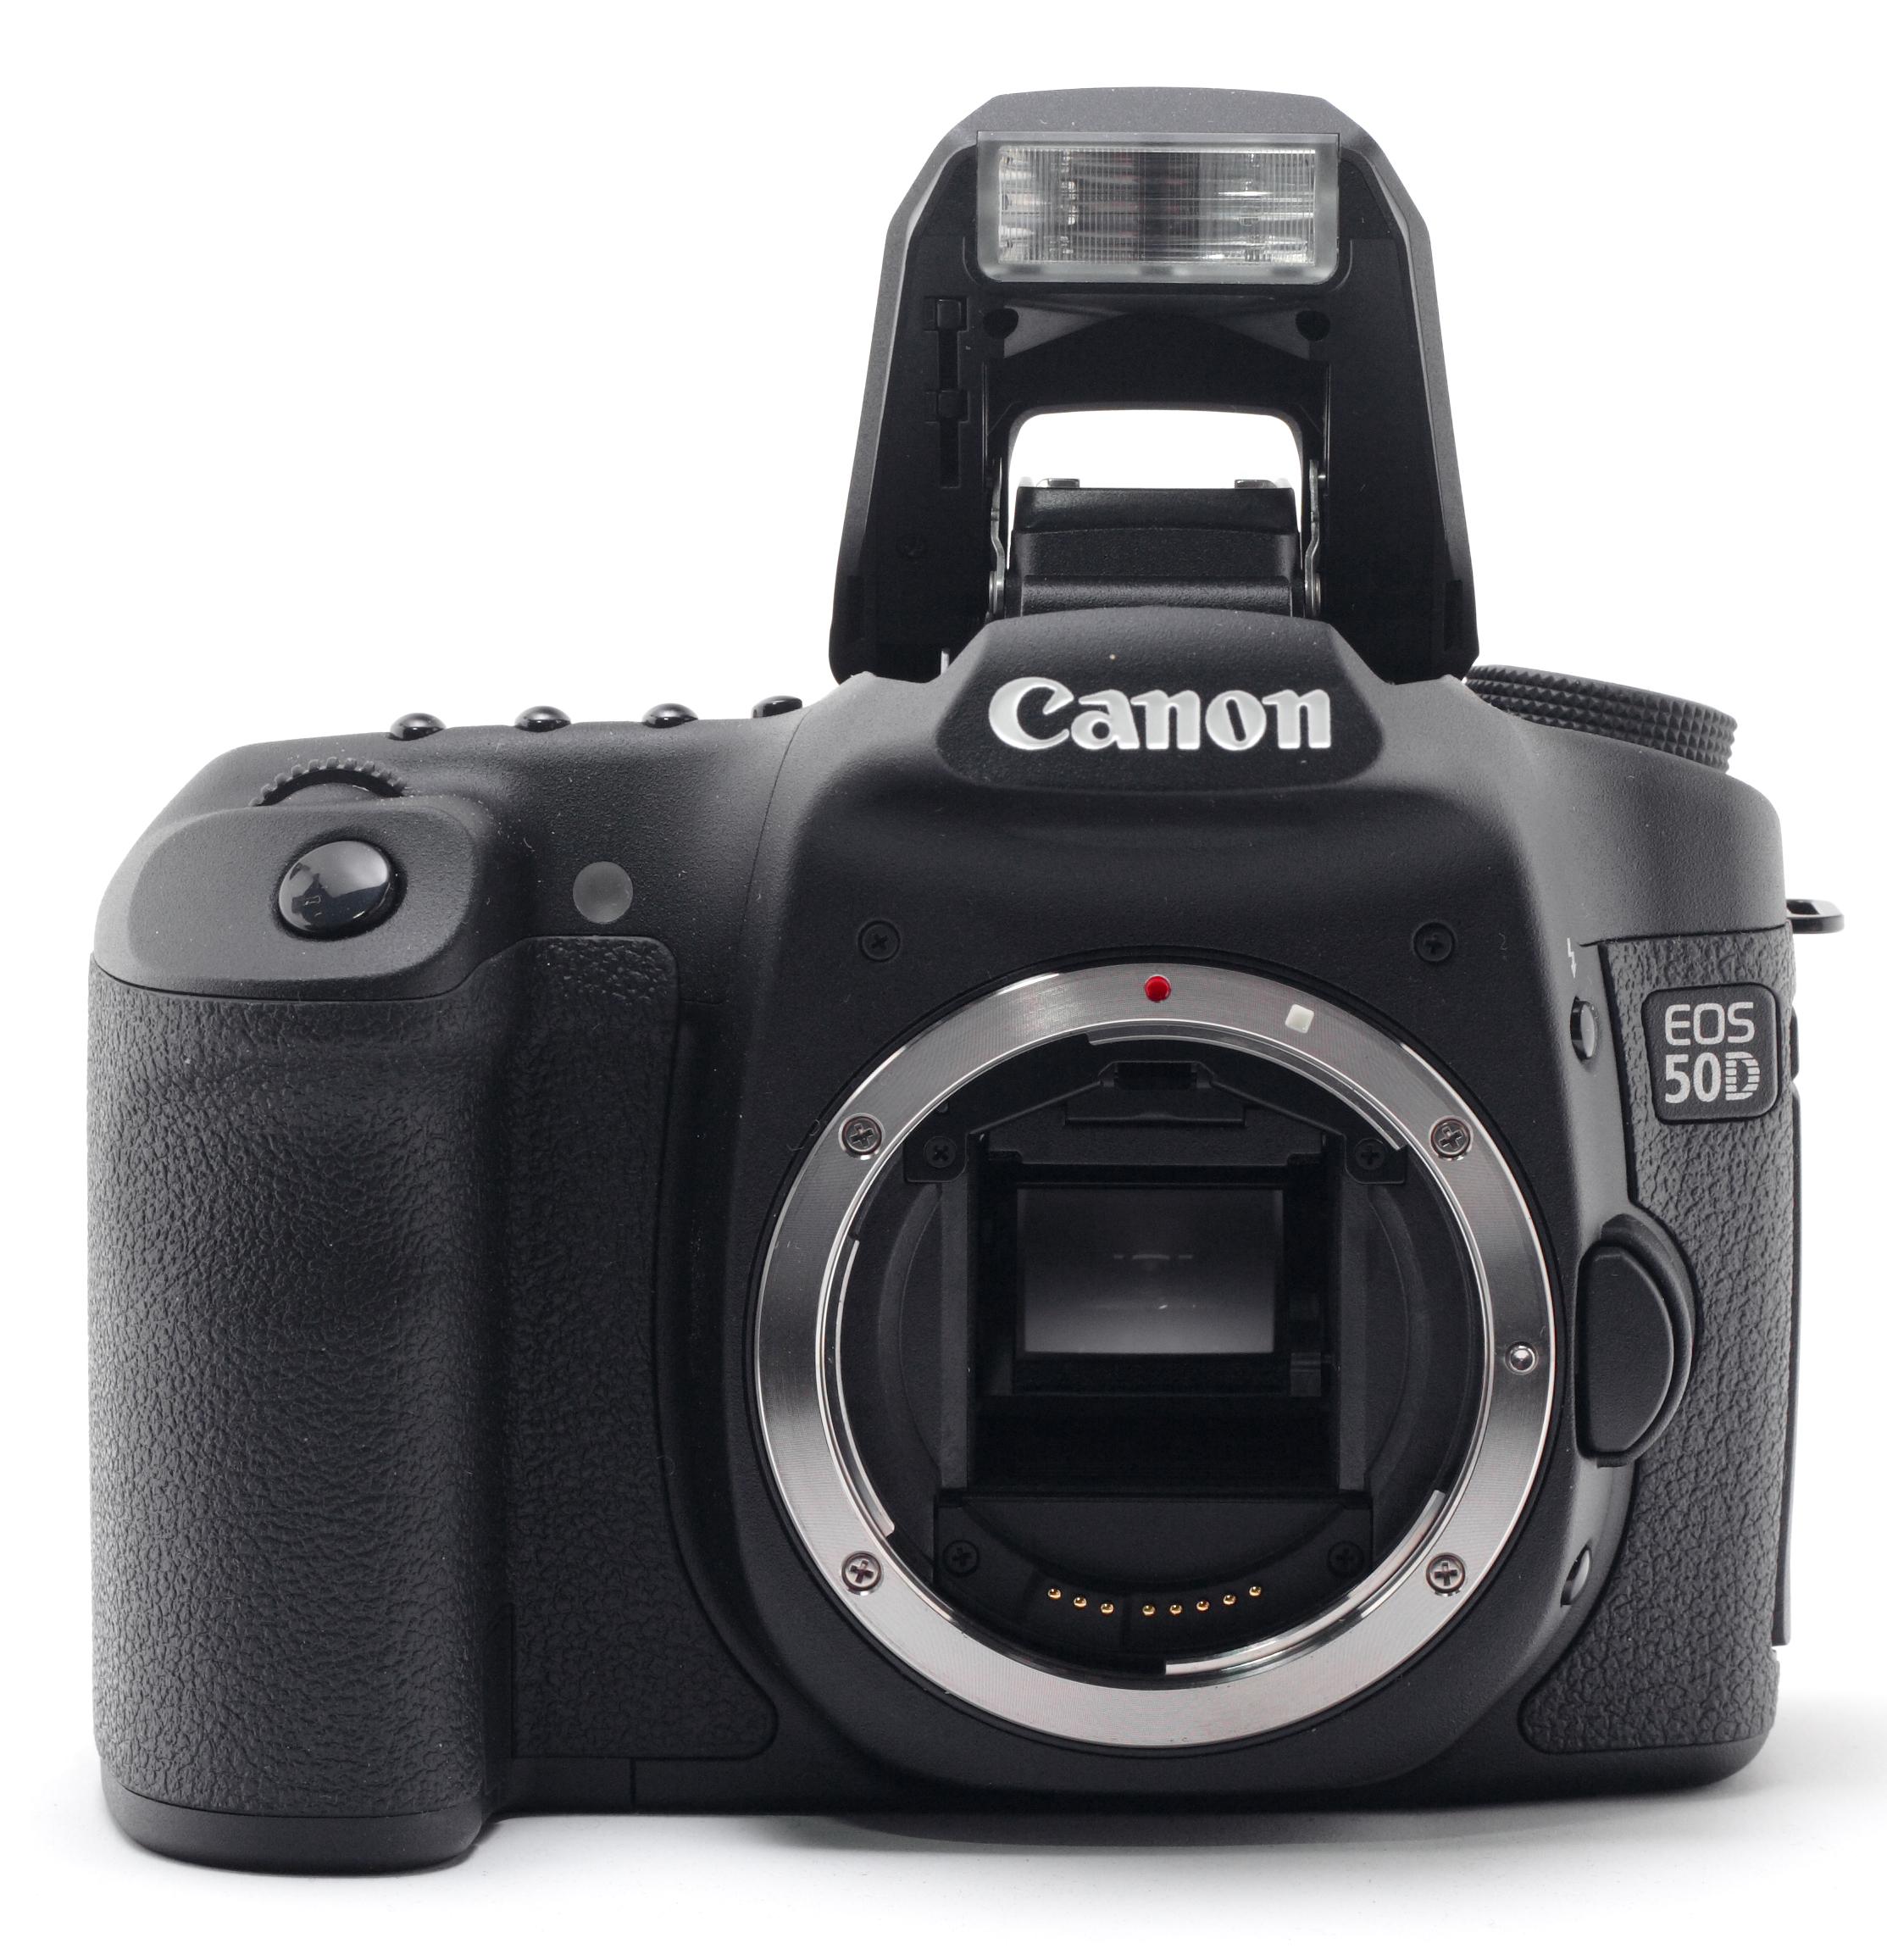 Fototasche canon eos 50d 90